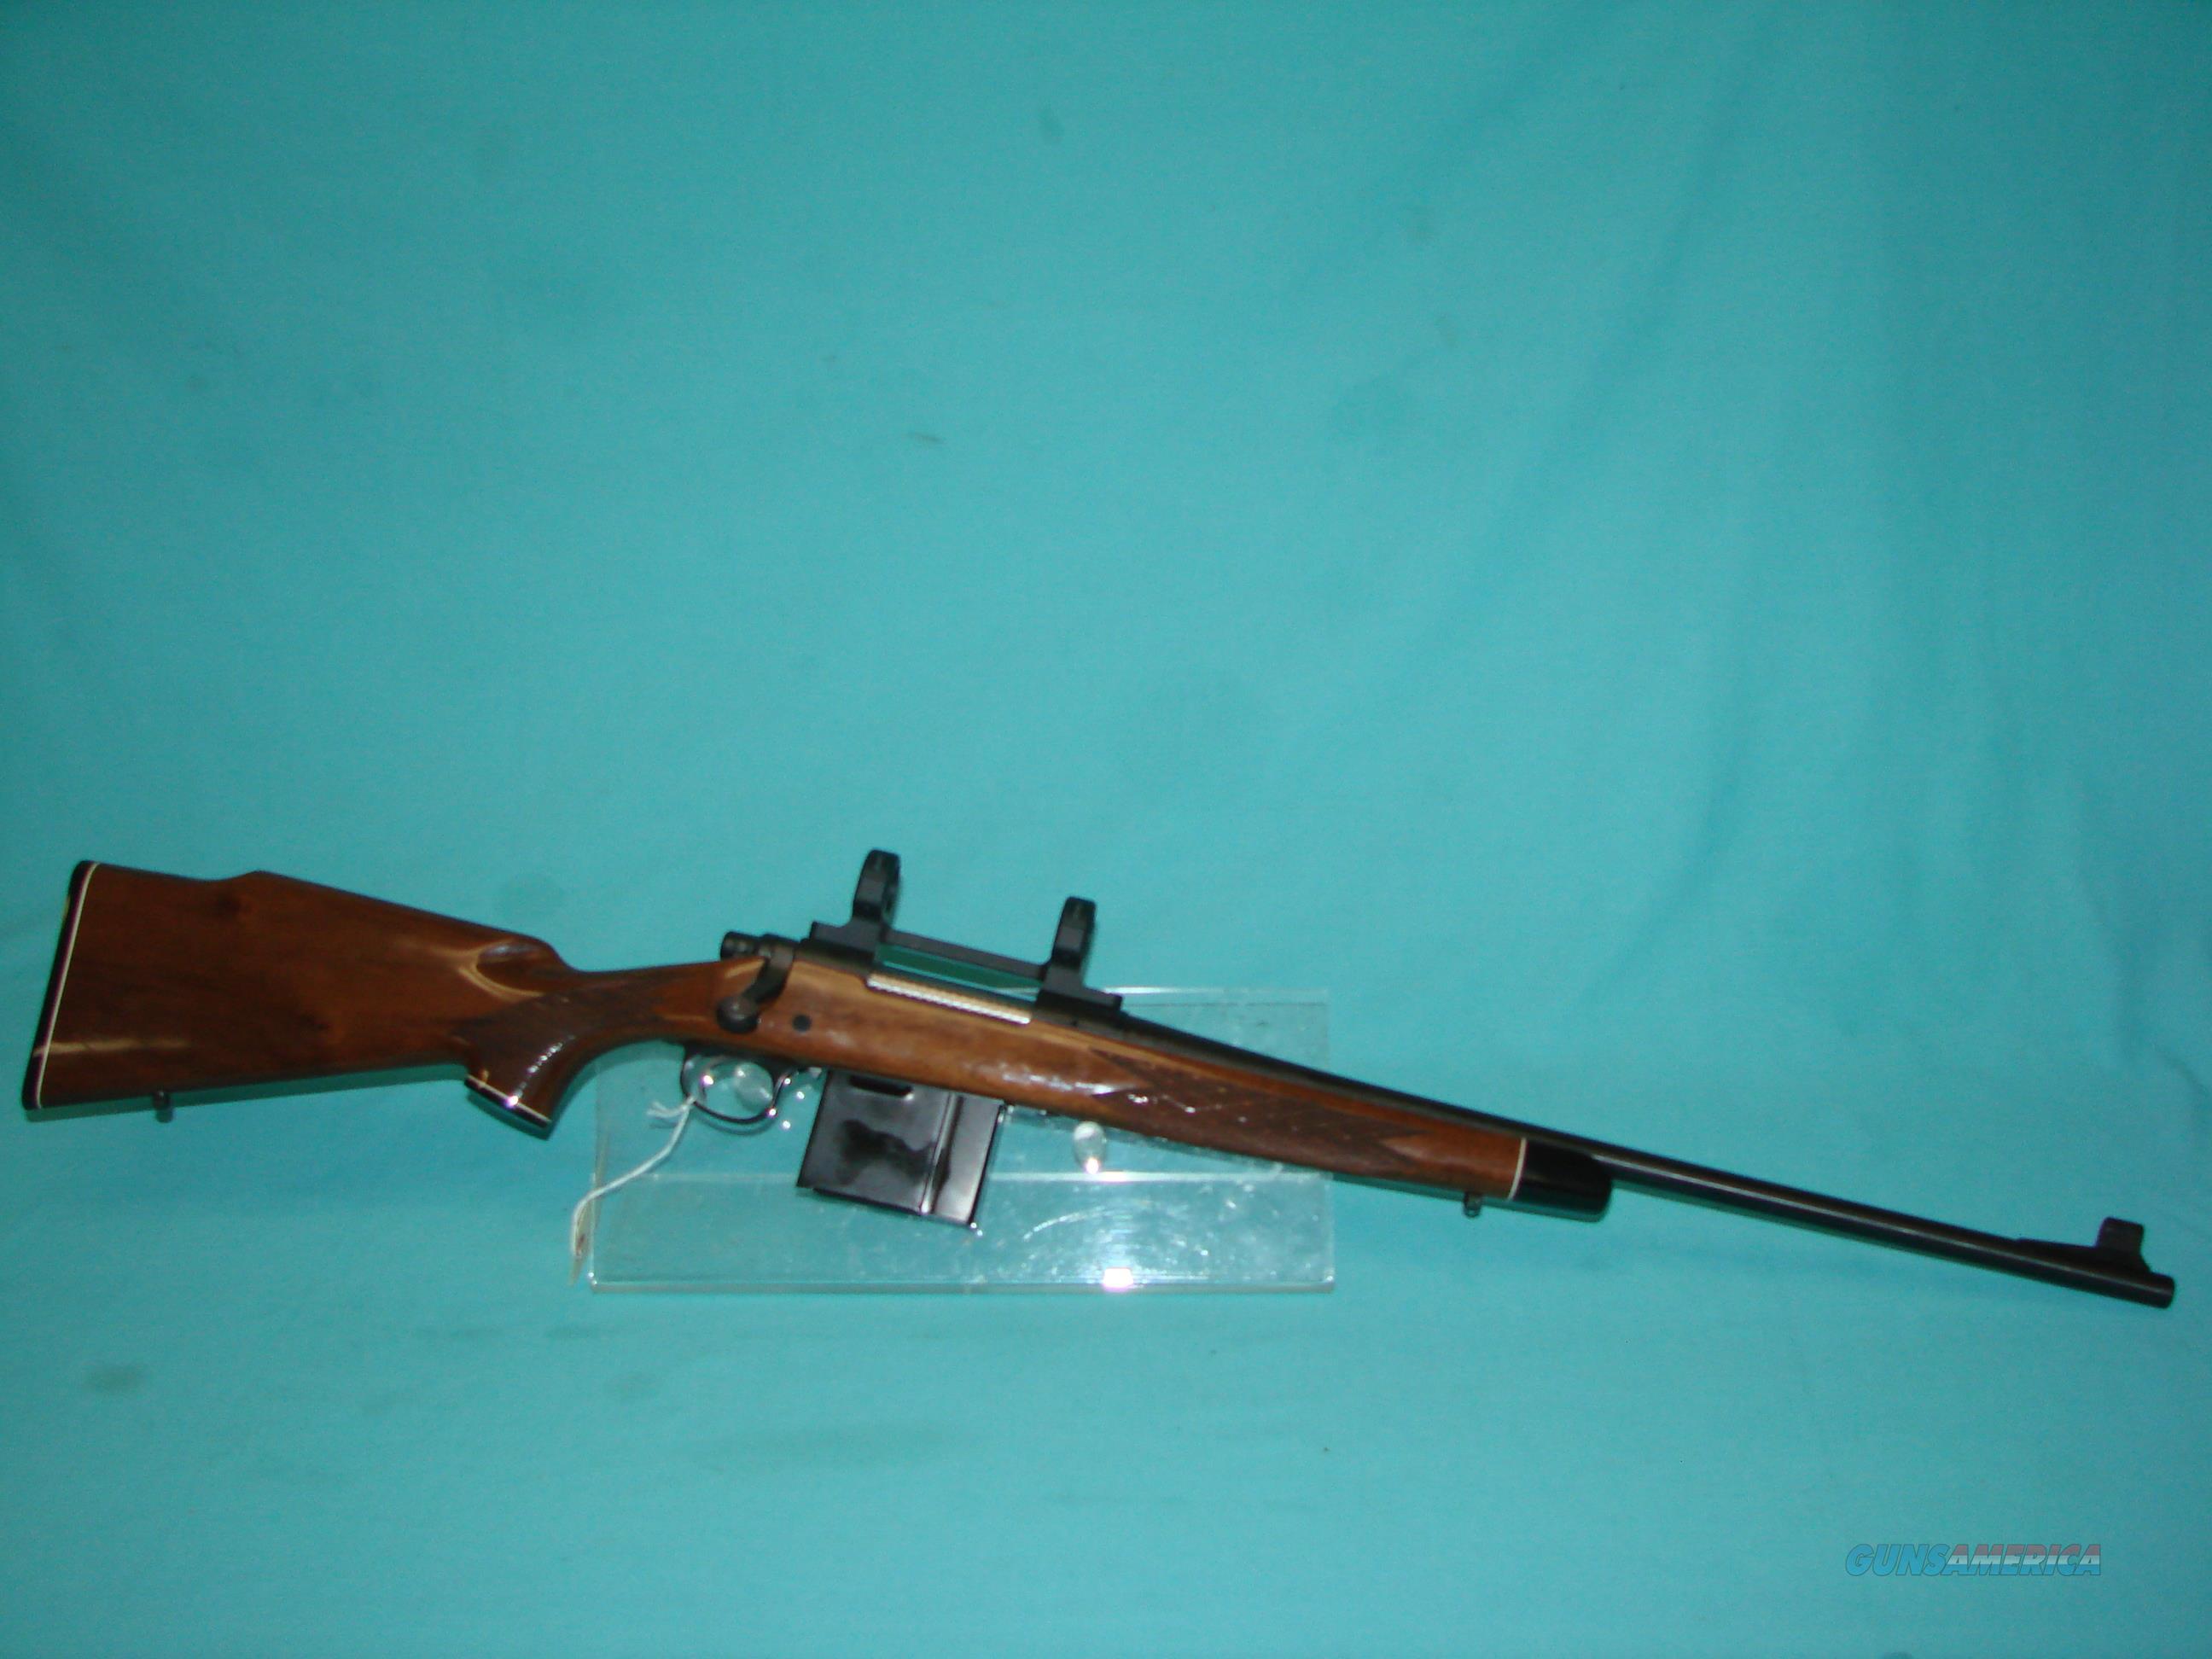 Remington 700  Guns > Rifles > Remington Rifles - Modern > Model 700 > Sporting